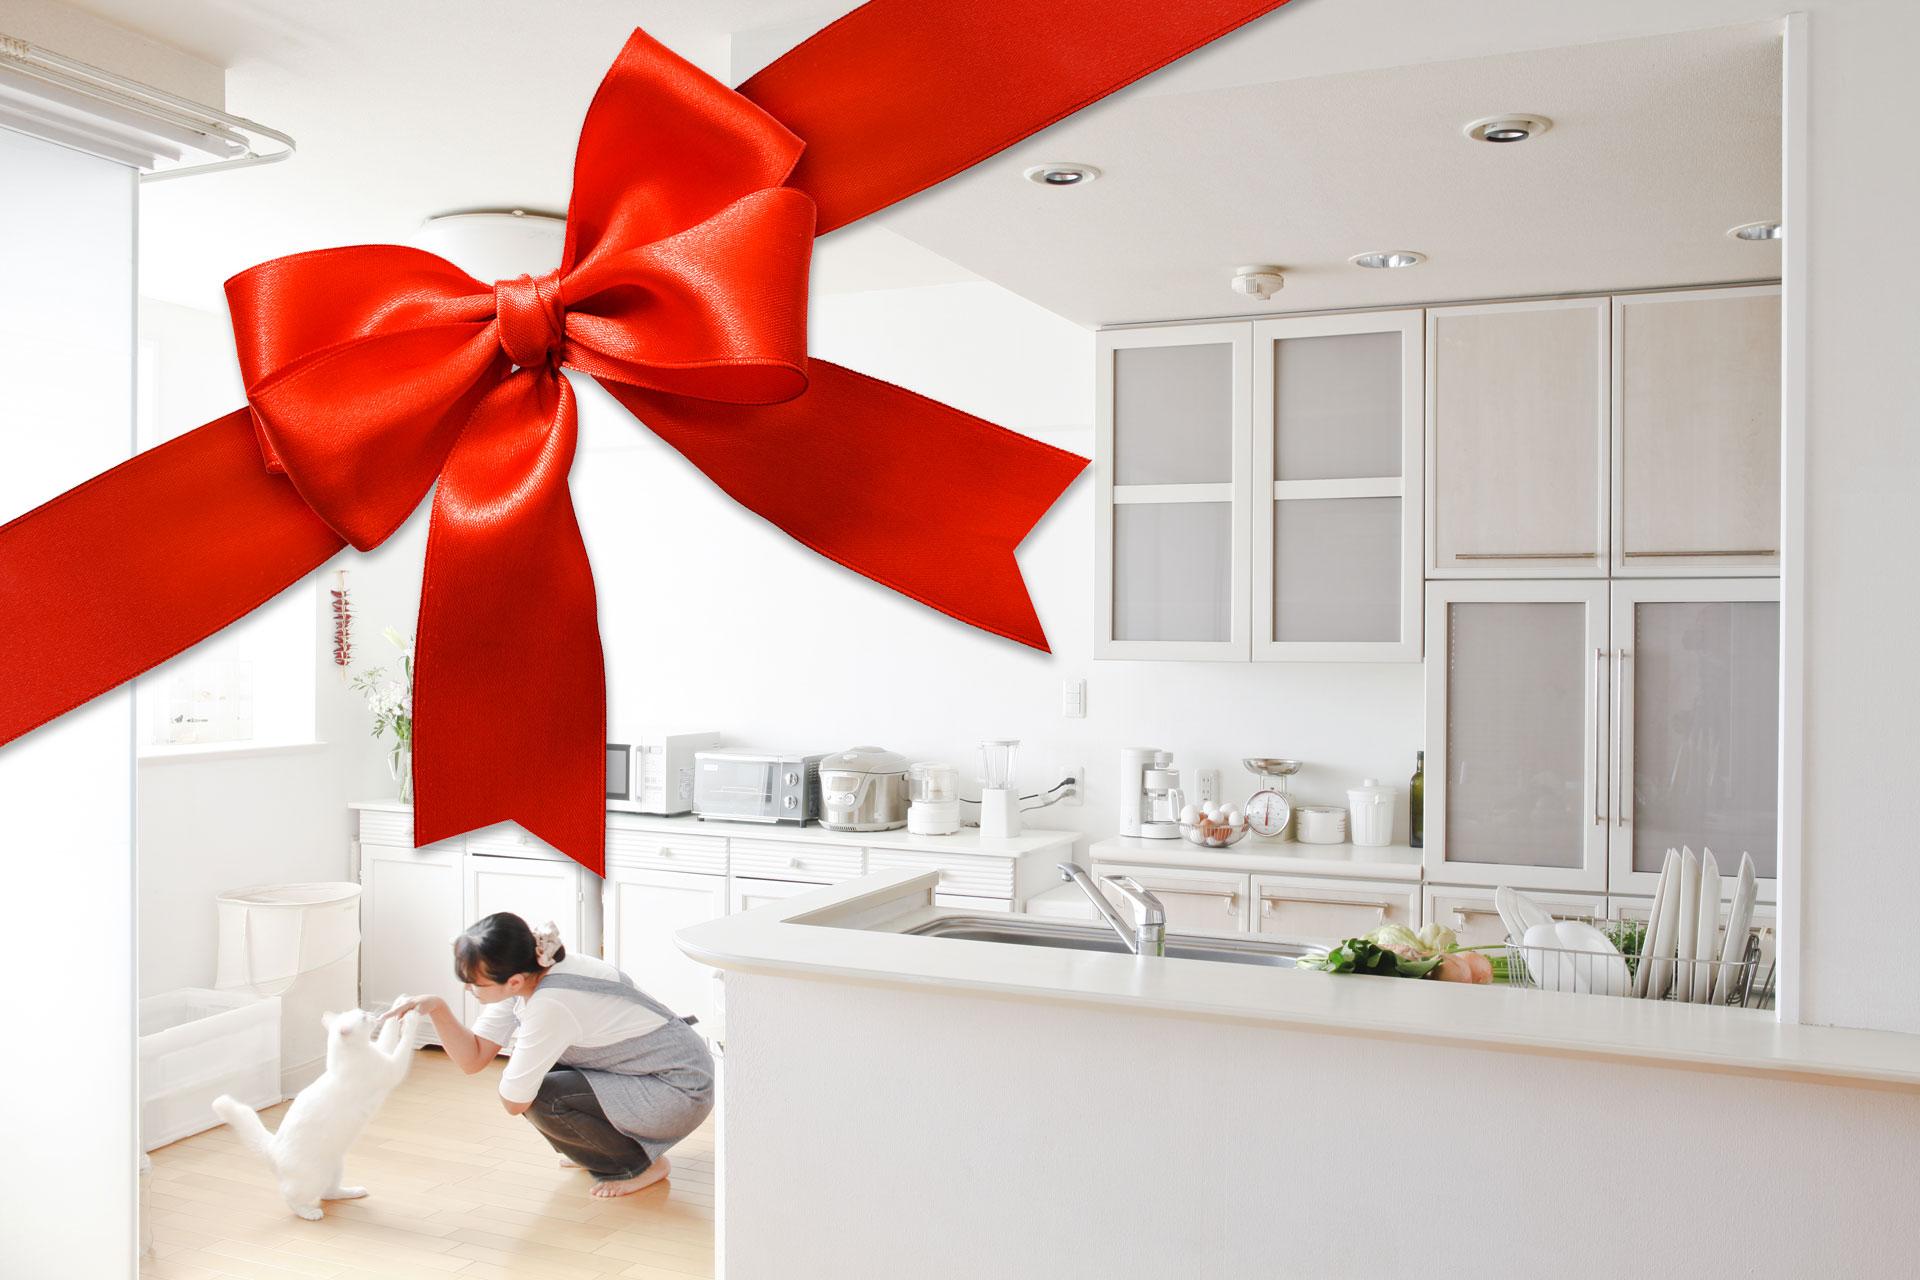 Presentkort hemstädning med rutavdrag